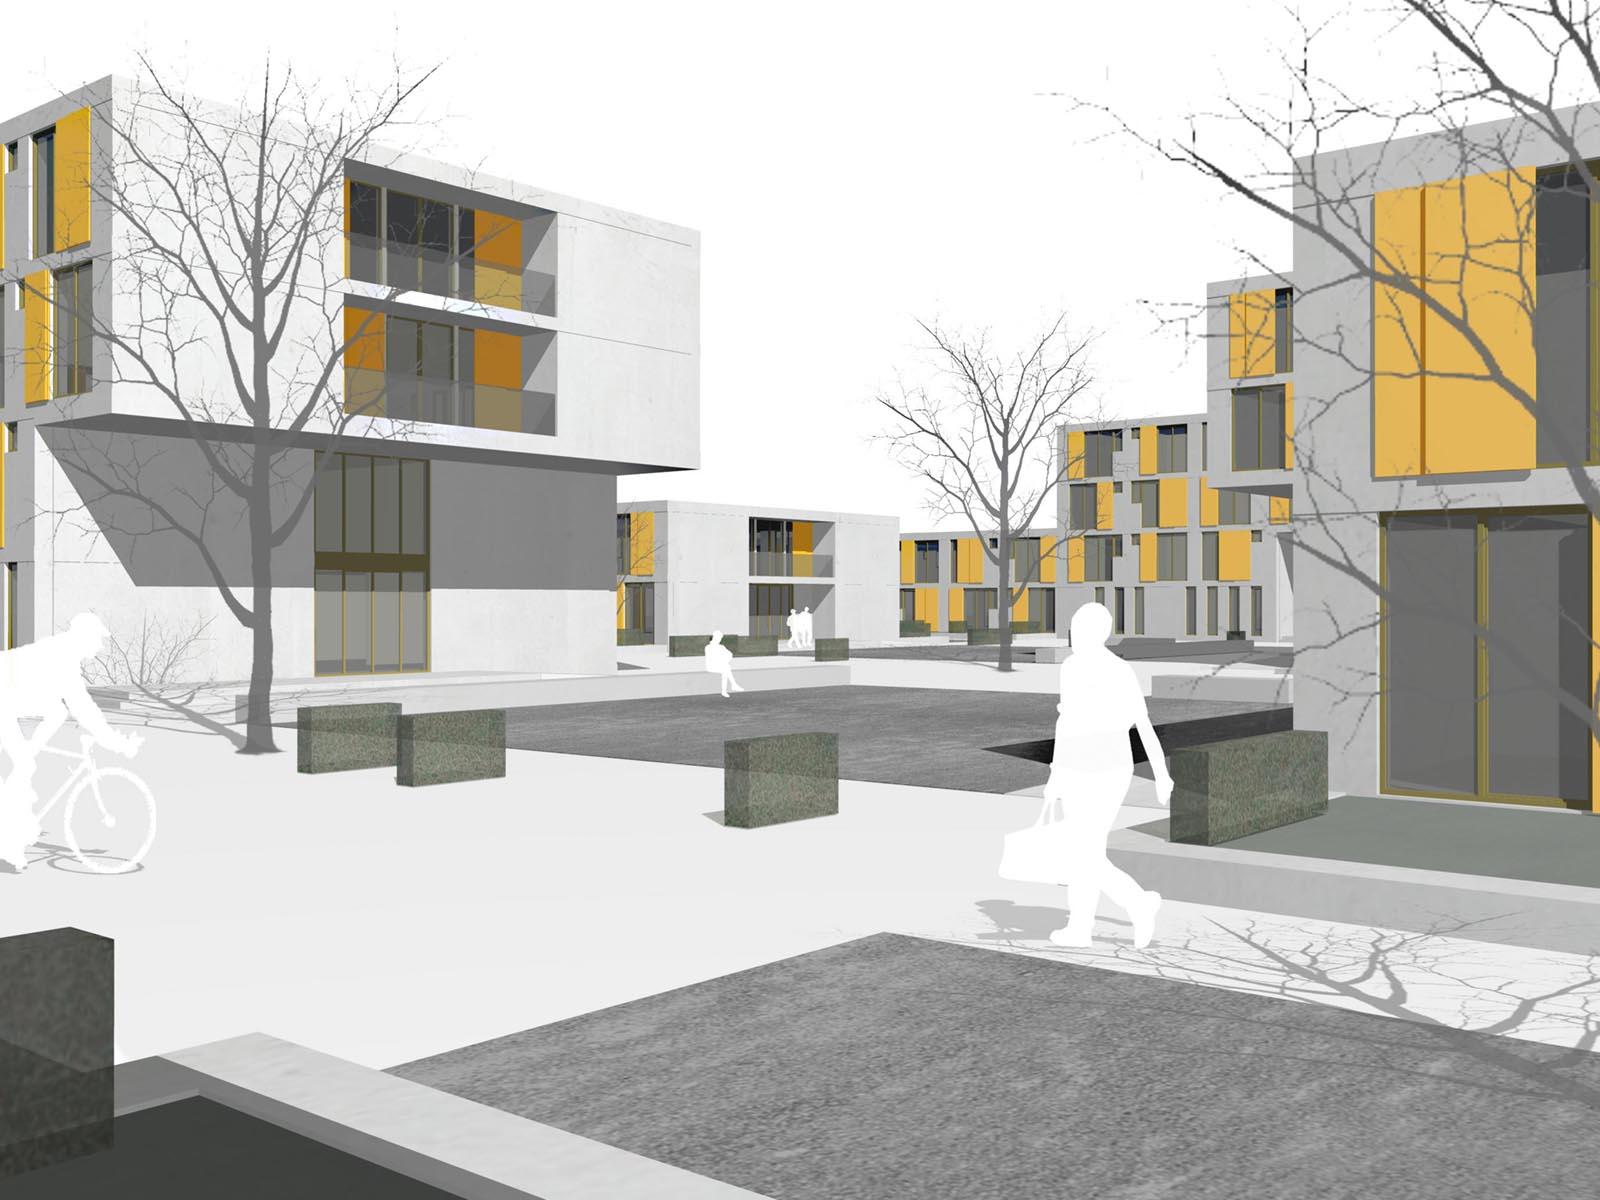 Perspektive-Neubau-eines-Studentenwohnheims-in-Augsburg-Wettbewerb-2009-5.Preis-©-Friedrich-Poerschke-Zwink-Architekten